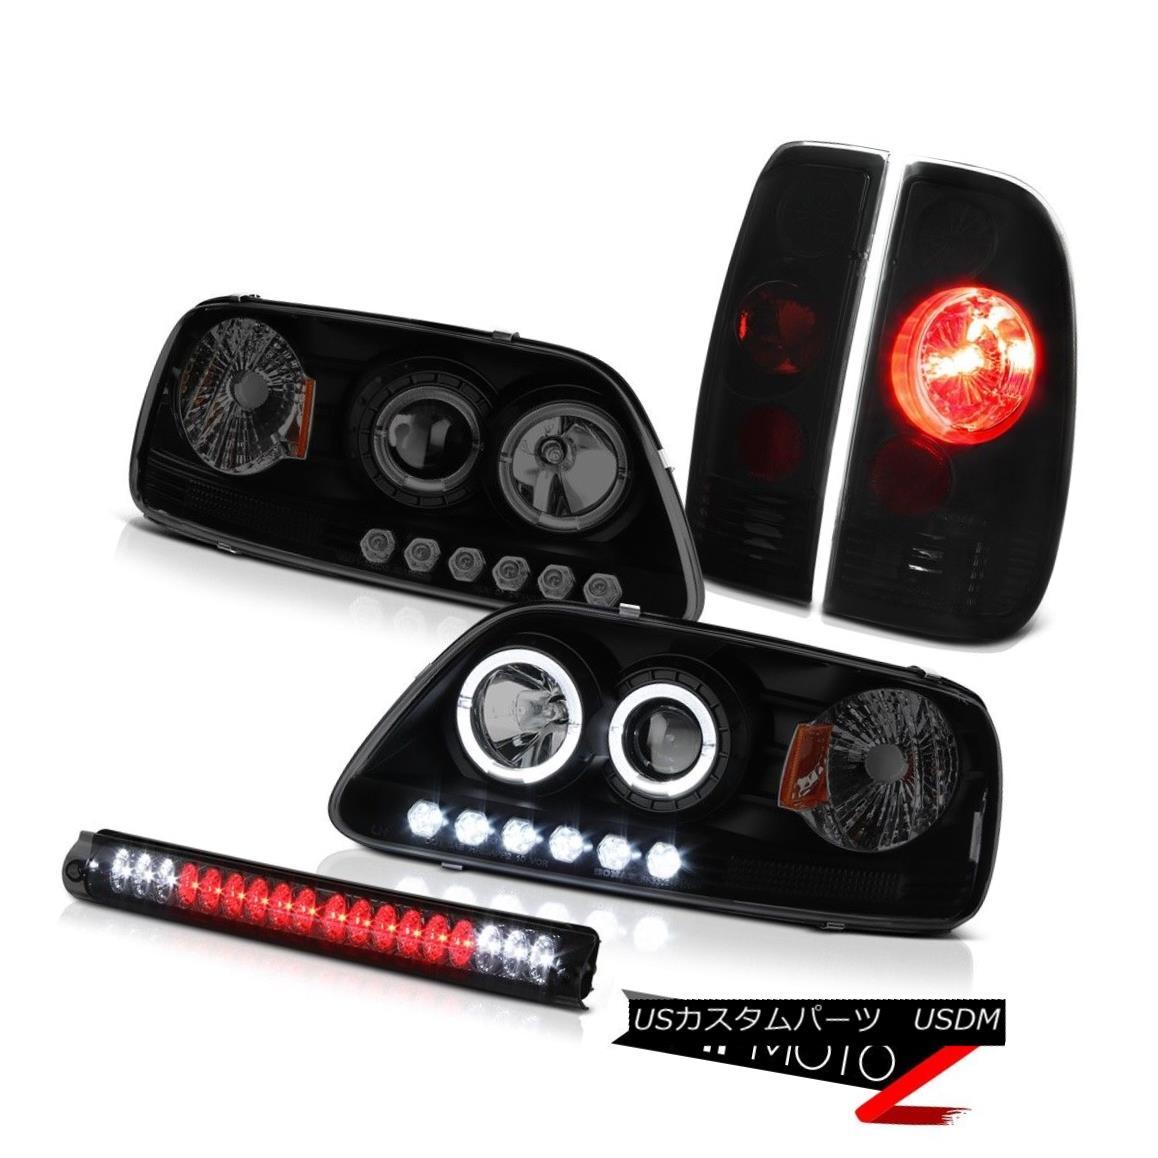 ヘッドライト 97 98 F150 XLT Halo LED Headlight Sinister Black Tail Light Brake Cargo Lamp Set 97 98 F150 XLTハローLEDヘッドライトシニスターブラックテールライトブレーキカーゴランプセット